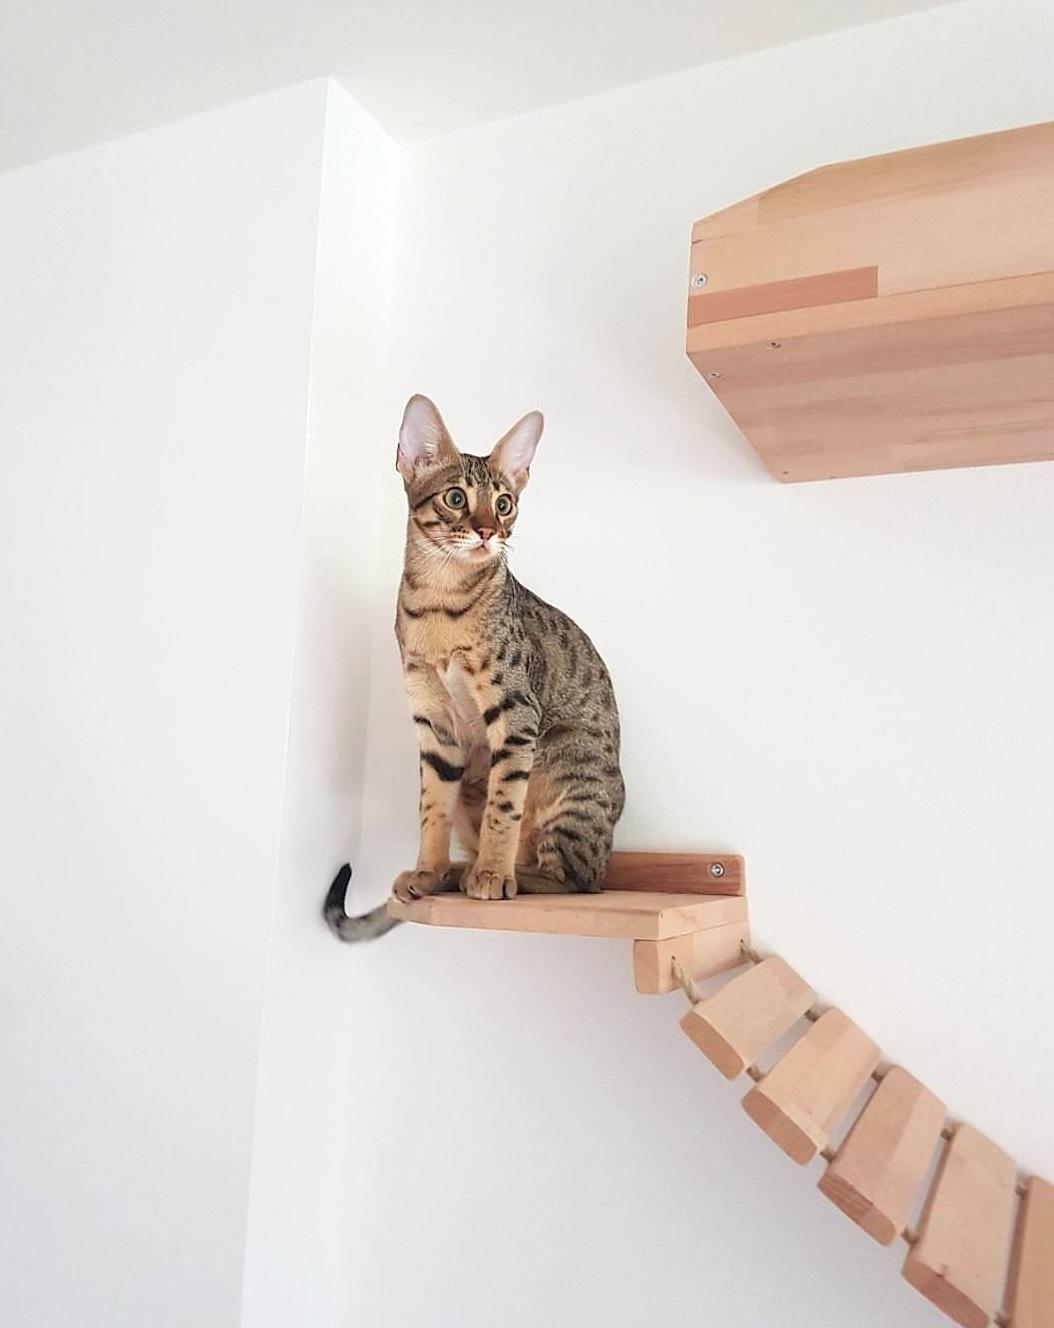 Blog tolle katzen kletterwand katzenkletterwand kletterwand katze - Kletterwand katze ...